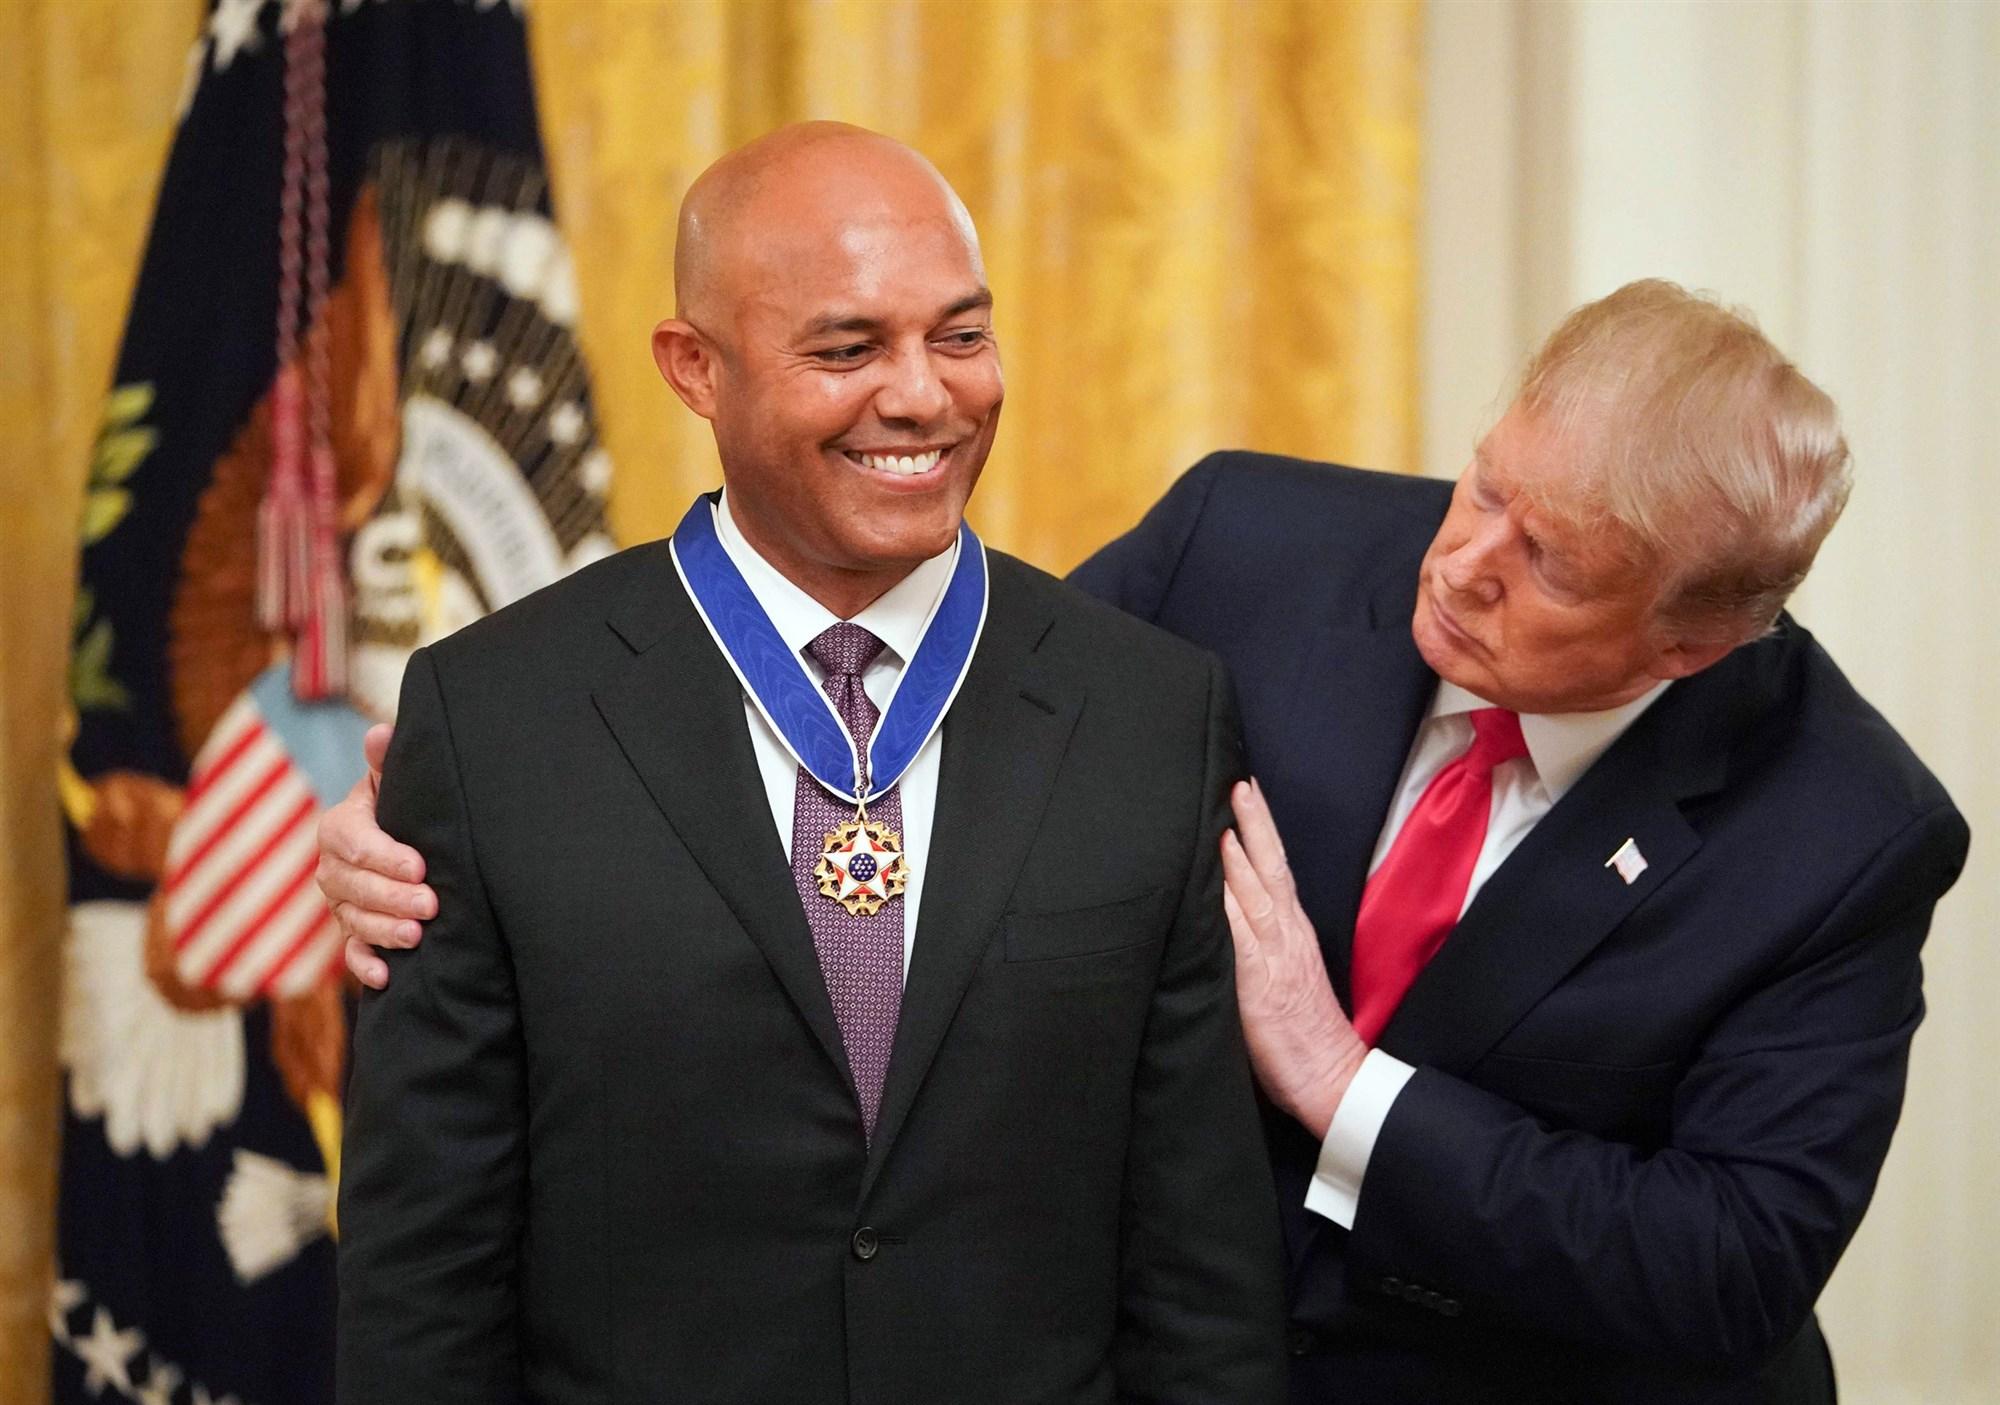 Presidente Trump otorga Medalla de la Libertad a Mariano Rivera